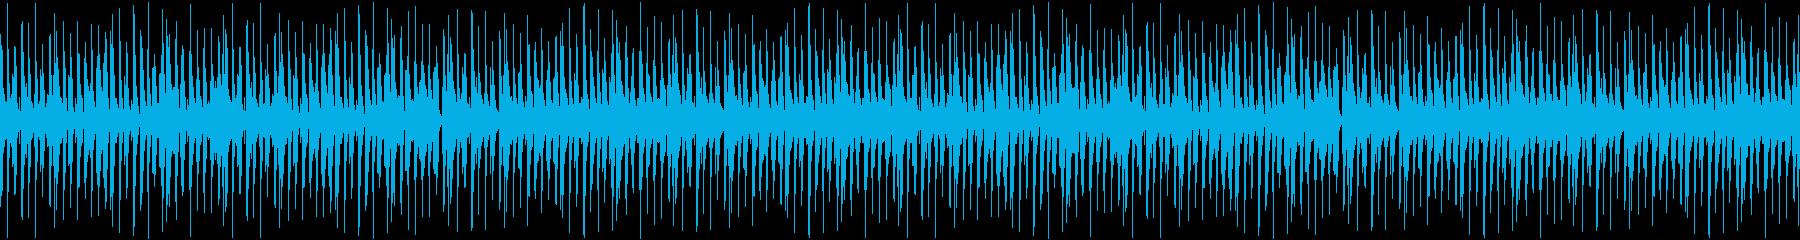 YouTube向け・のほほんポップループの再生済みの波形